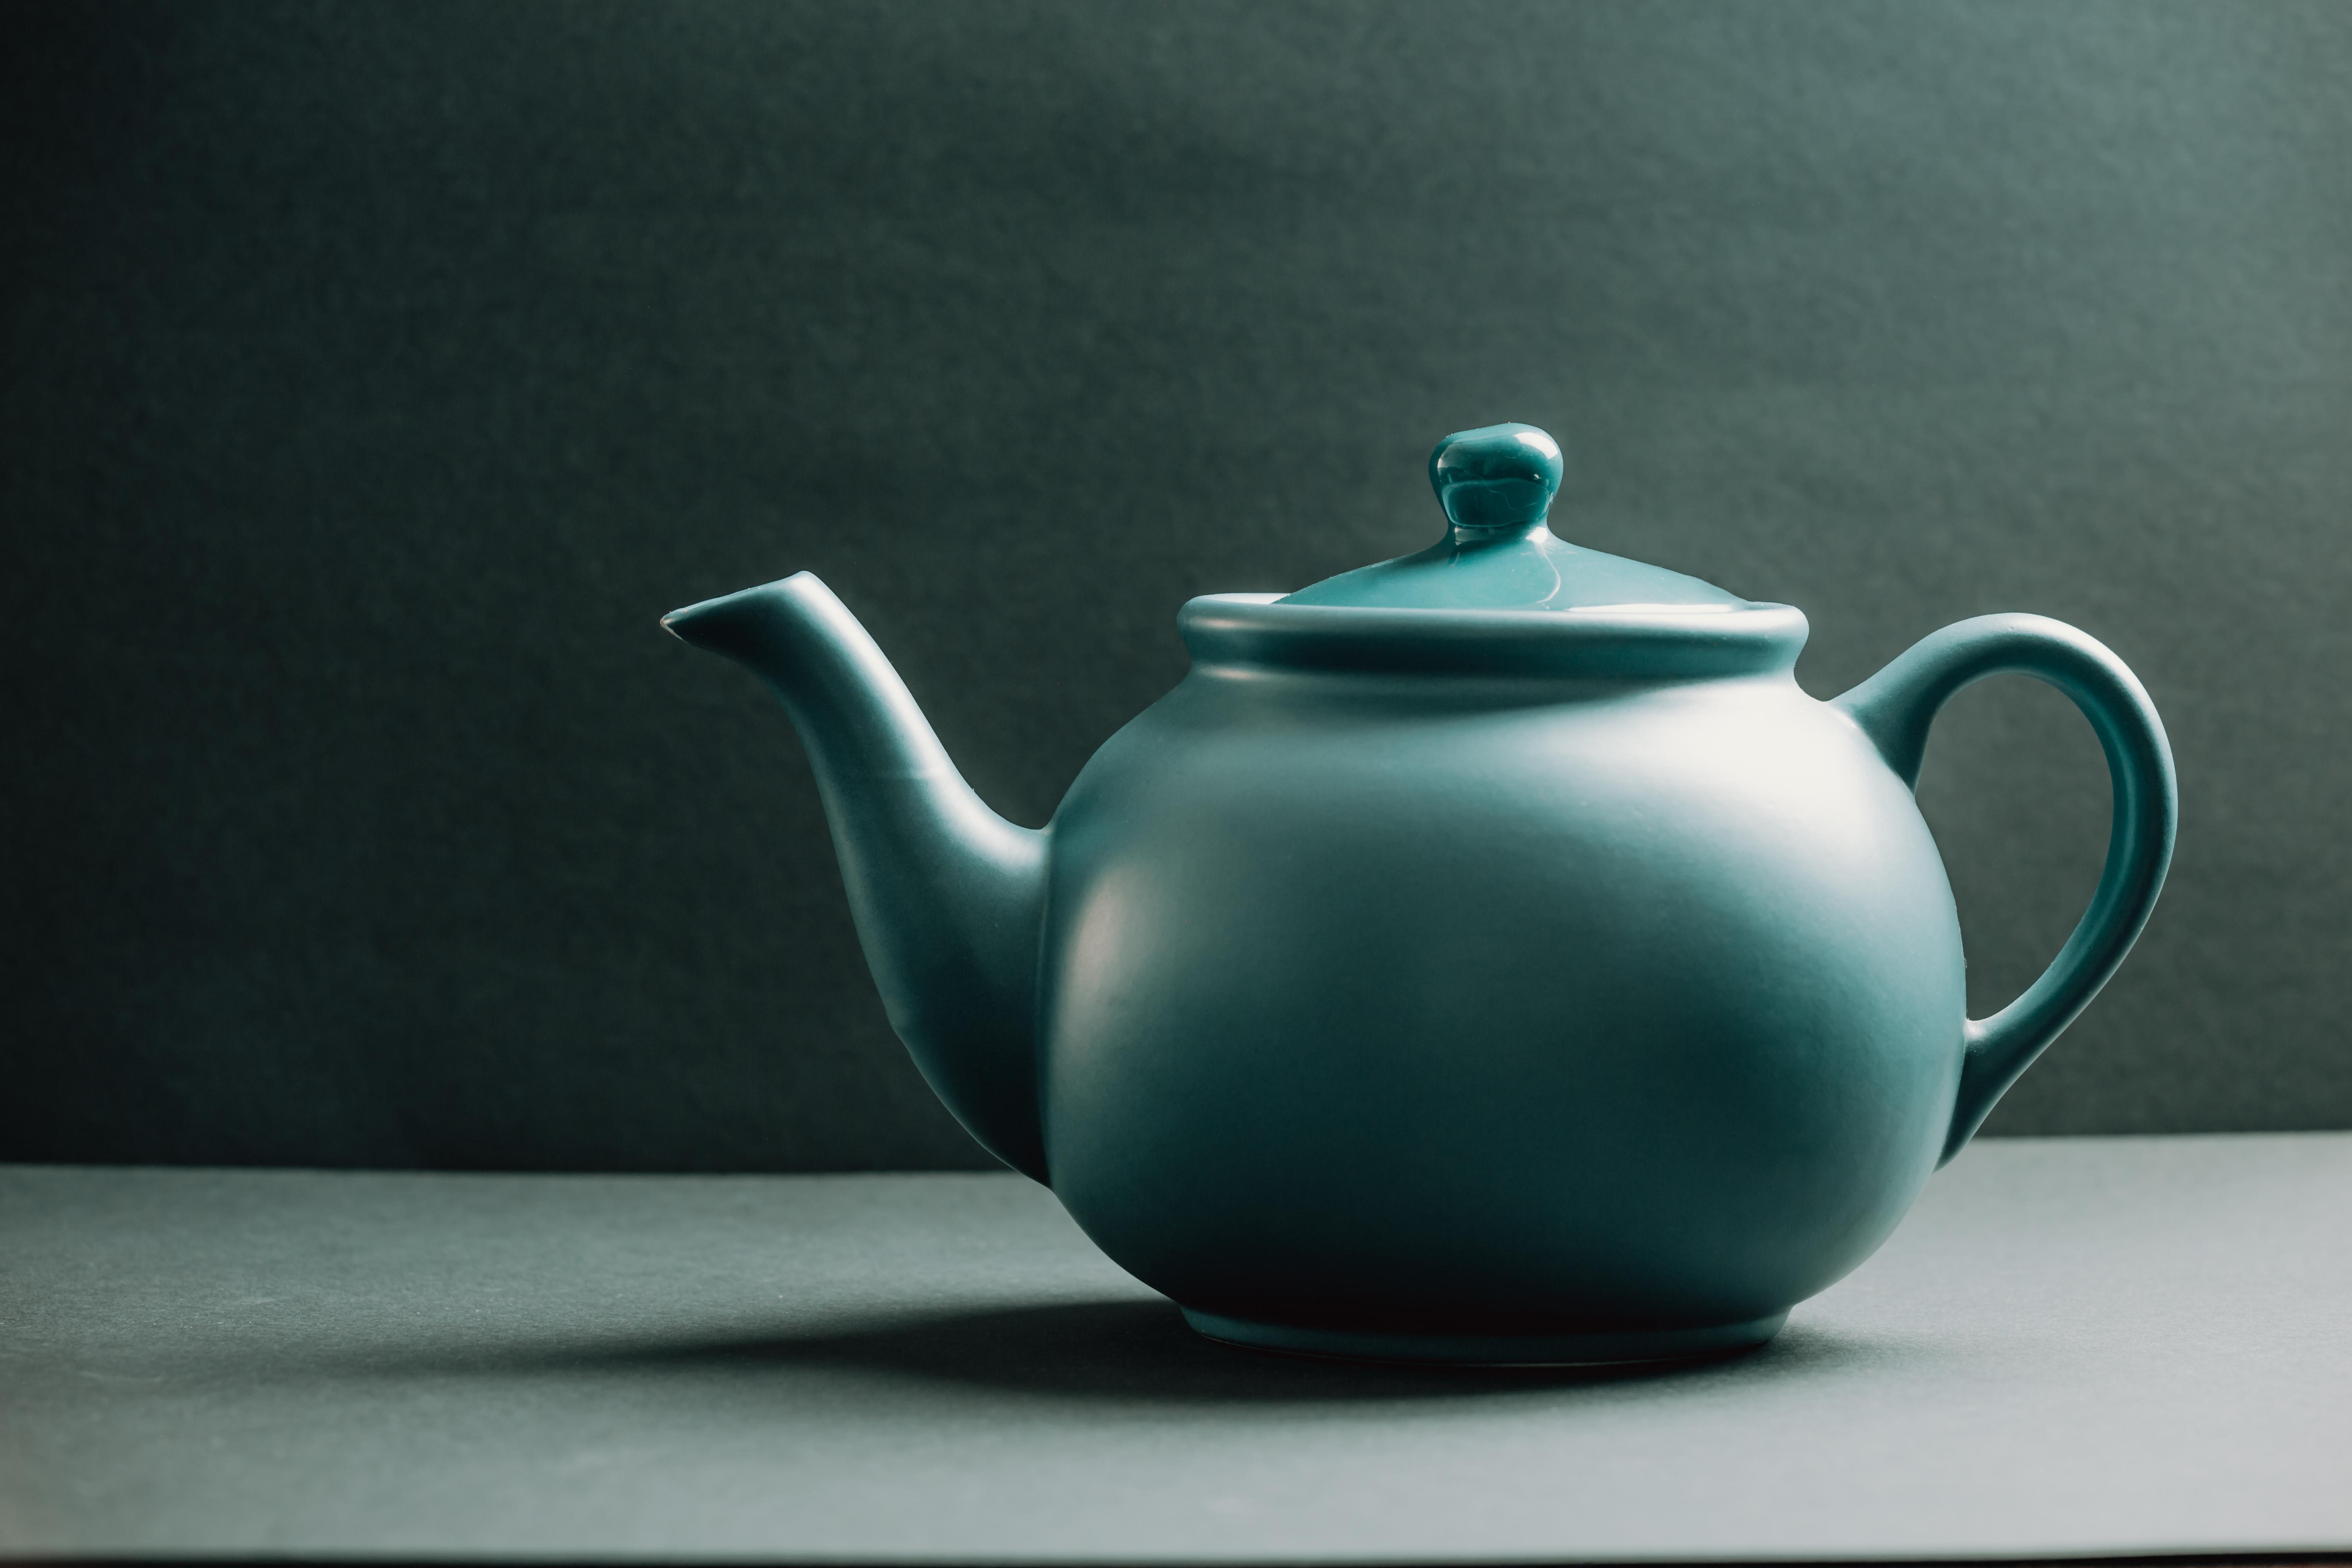 Blue vintage teapot